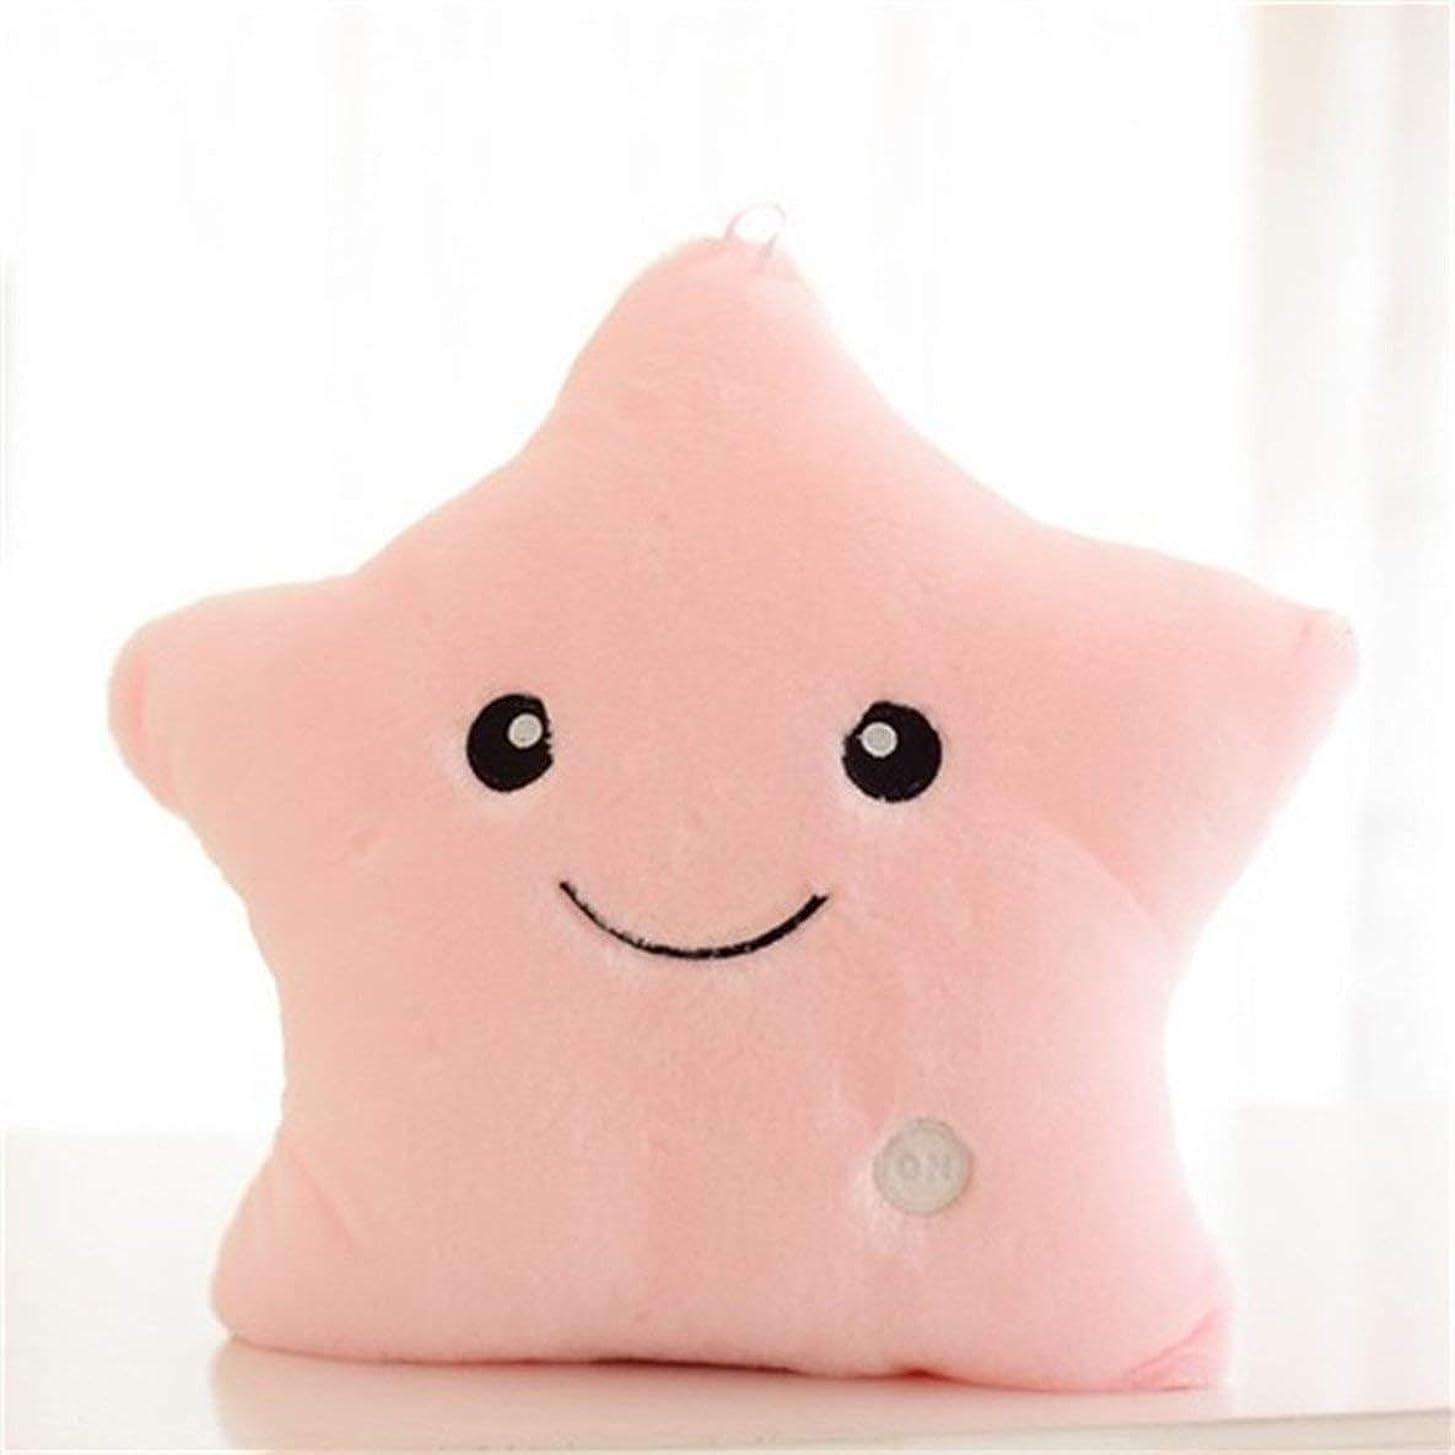 ネブ呼びかけるのりユニークな発光枕鮮やかな星デザインledライトクッションぬいぐるみ枕用寝室のソファ誕生日ギフト用のおもちゃ - ピンク